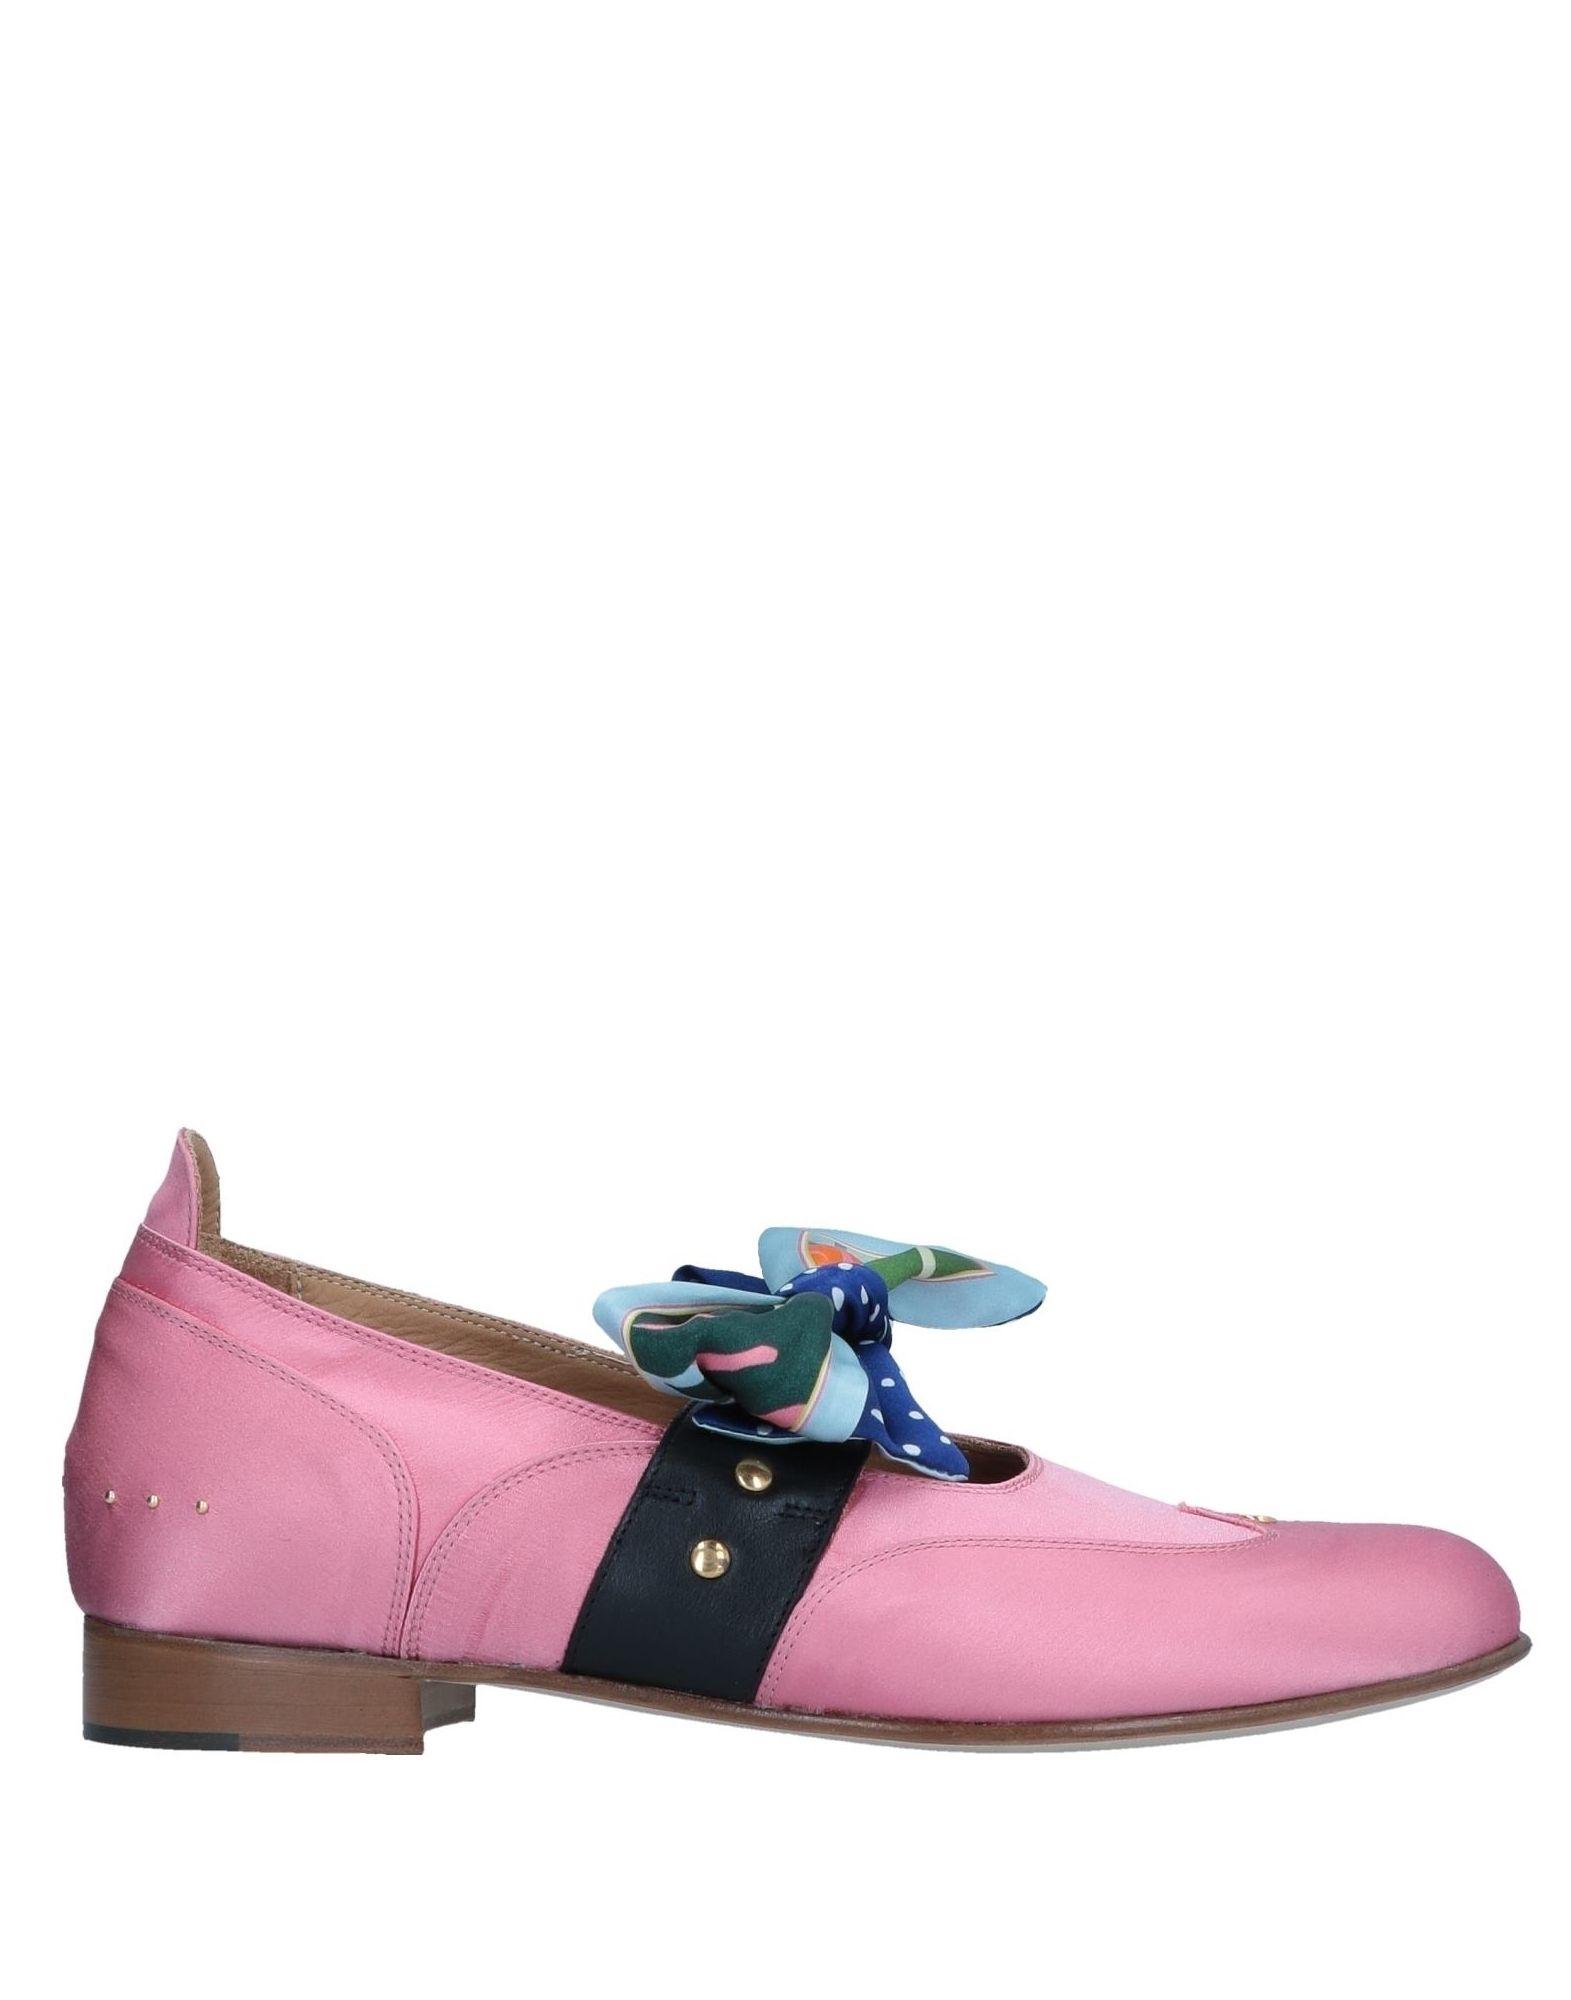 L'f Shoes Ballerinas Damen  11545717TIGut aussehende strapazierfähige Schuhe